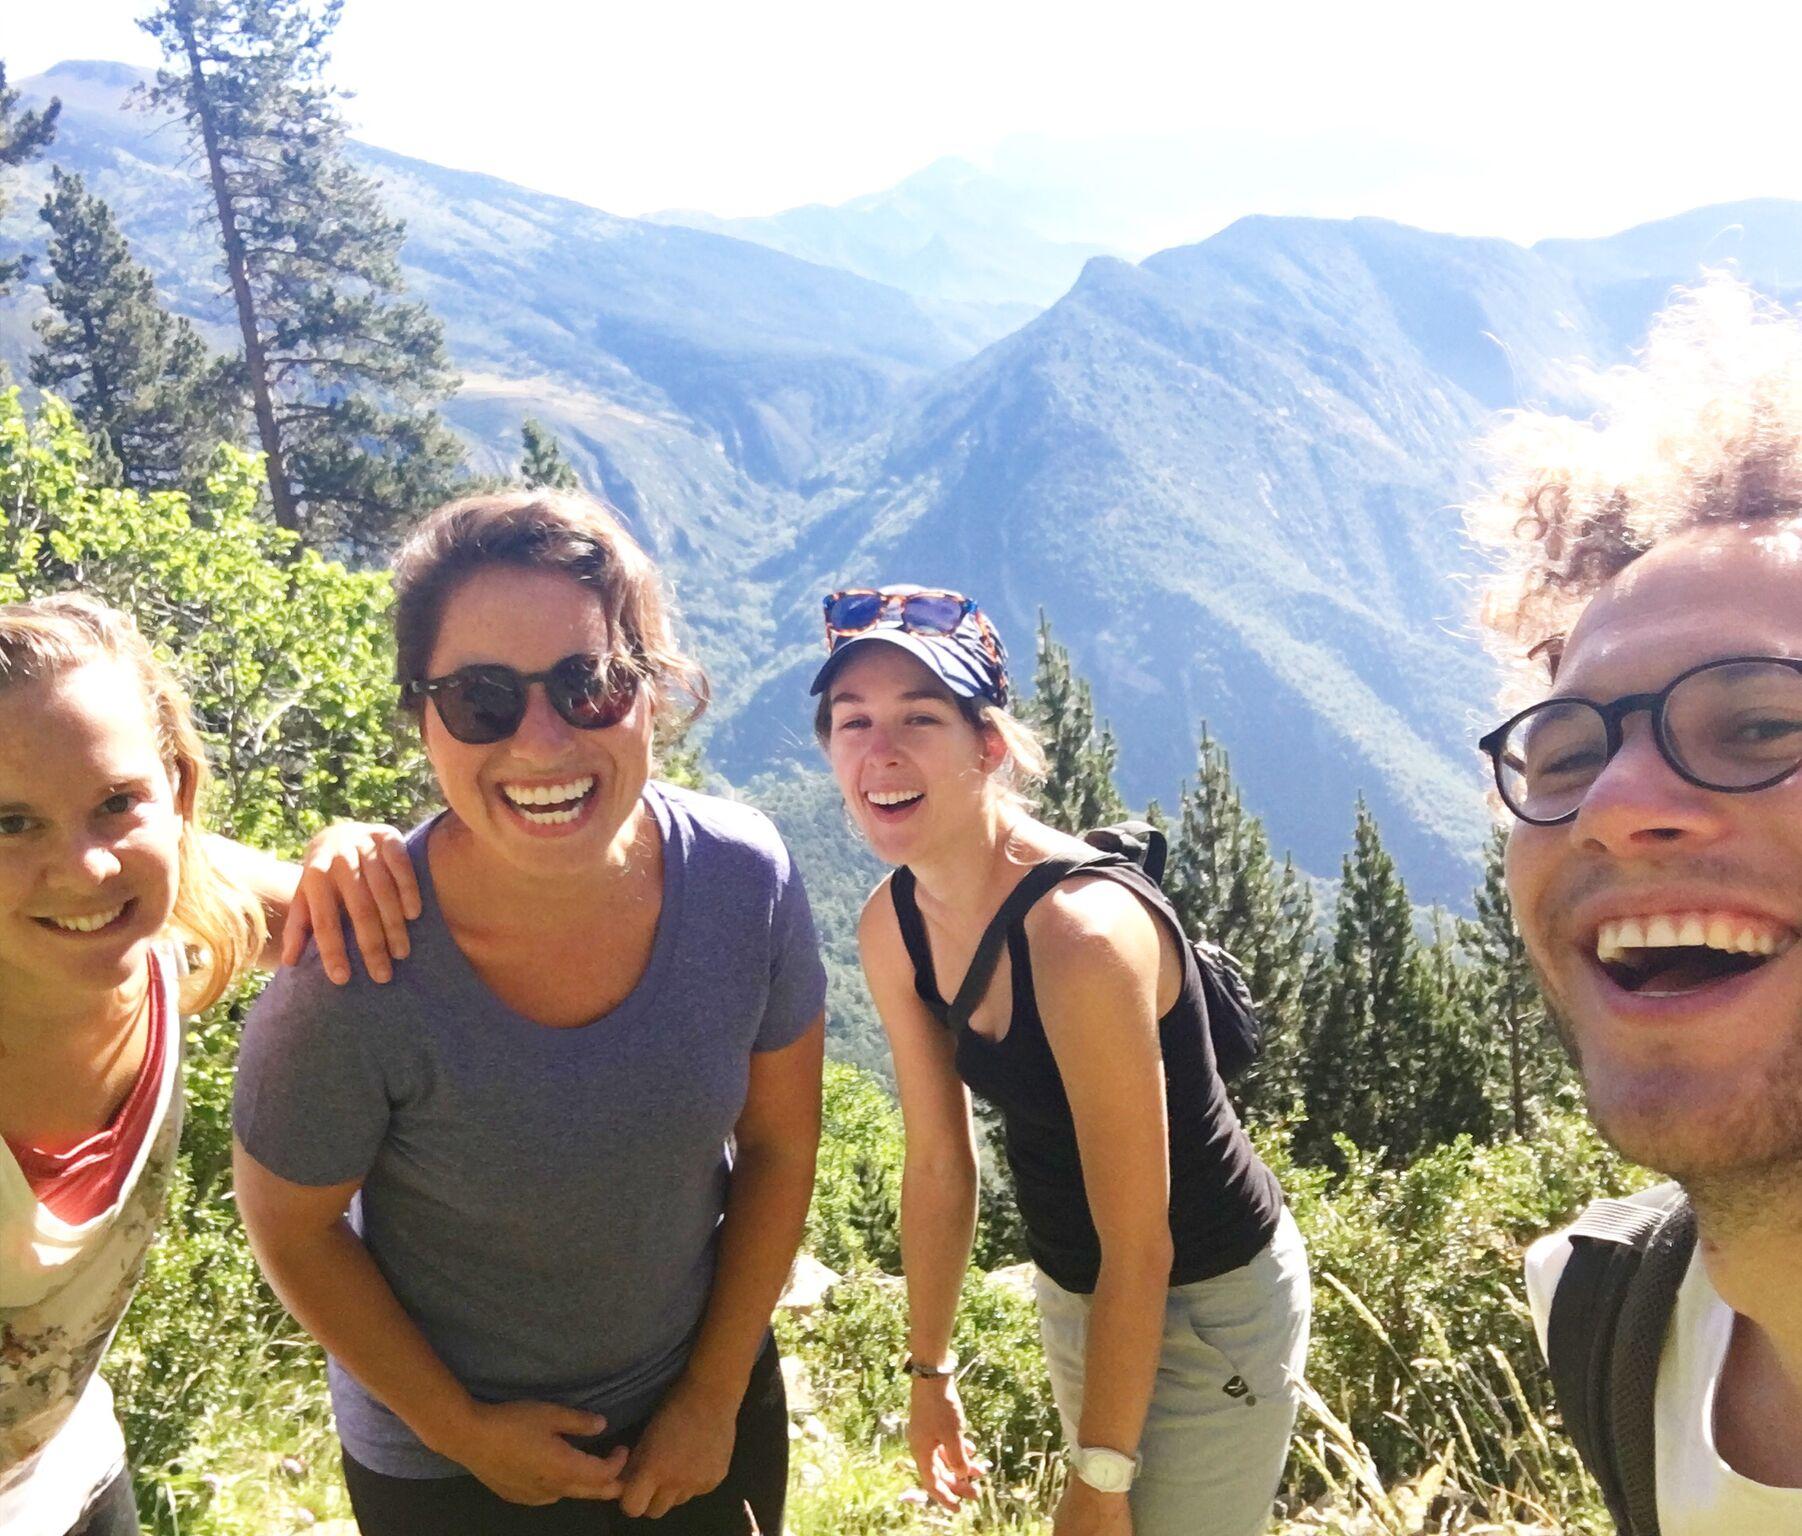 Hallie Applebaum (second to left) in the Pyrenees - hiking with friends - 3 Days* (📸 Hallie Applebaum)